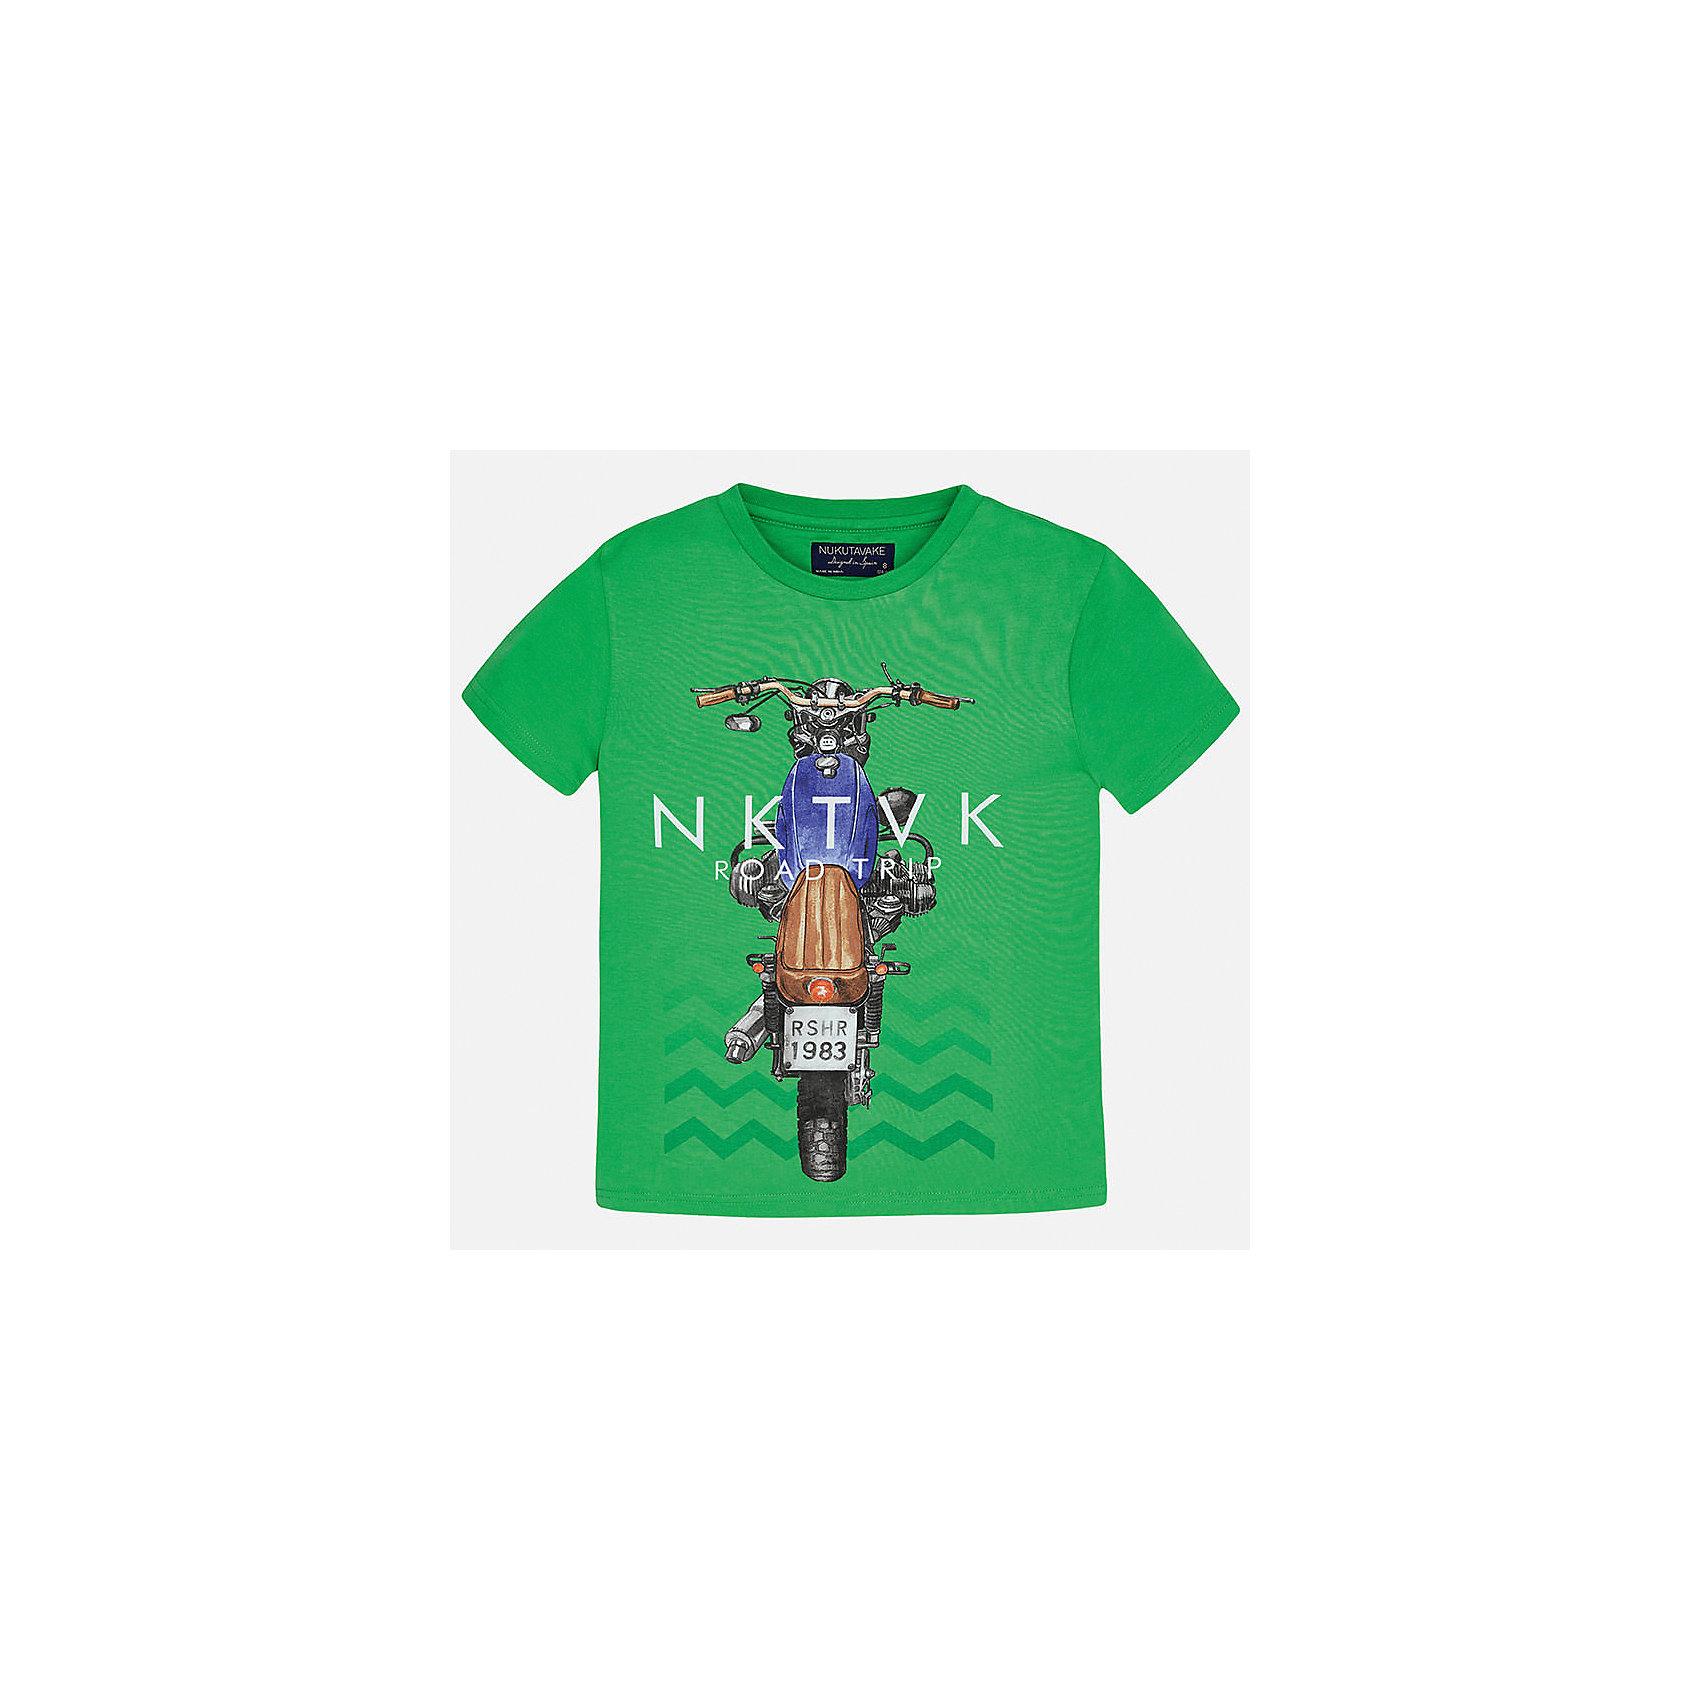 Футболка для мальчика MayoralФутболки, поло и топы<br>Характеристики товара:<br><br>• цвет: зеленый<br>• состав: 100% хлопок<br>• круглый горловой вырез<br>• декорирована принтом<br>• короткие рукава<br>• мягкая отделка горловины<br>• страна бренда: Испания<br><br>Модная удобная футболка с принтом поможет разнообразить гардероб мальчика. Она отлично сочетается с брюками, шортами, джинсами. Универсальный крой и цвет позволяет подобрать к вещи низ разных расцветок. Практичное и стильное изделие! Хорошо смотрится и комфортно сидит на детях. В составе материала - только натуральный хлопок, гипоаллергенный, приятный на ощупь, дышащий. <br><br>Одежда, обувь и аксессуары от испанского бренда Mayoral полюбились детям и взрослым по всему миру. Модели этой марки - стильные и удобные. Для их производства используются только безопасные, качественные материалы и фурнитура. Порадуйте ребенка модными и красивыми вещами от Mayoral! <br><br>Футболку для мальчика от испанского бренда Mayoral (Майорал) можно купить в нашем интернет-магазине.<br><br>Ширина мм: 199<br>Глубина мм: 10<br>Высота мм: 161<br>Вес г: 151<br>Цвет: зеленый<br>Возраст от месяцев: 84<br>Возраст до месяцев: 96<br>Пол: Мужской<br>Возраст: Детский<br>Размер: 128/134,170,164,158,152,140<br>SKU: 5281258